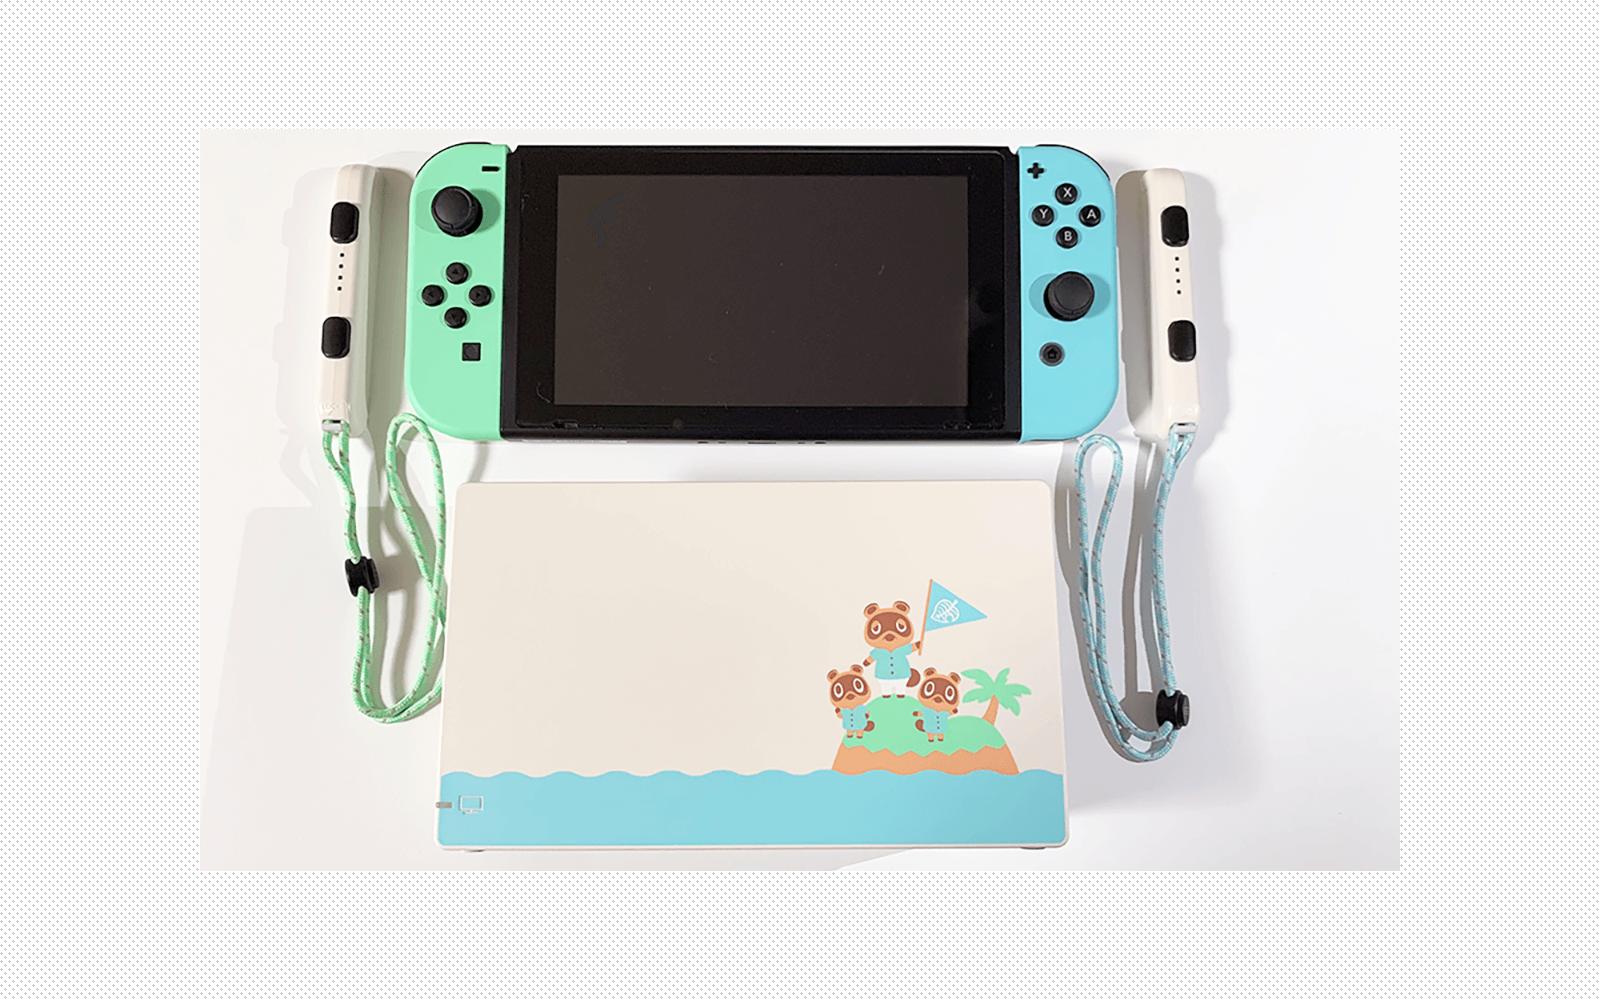 Nintendo Switch(ニンテンドースイッチ)買ったら最初に揃えたほうがよいものを正直に解説